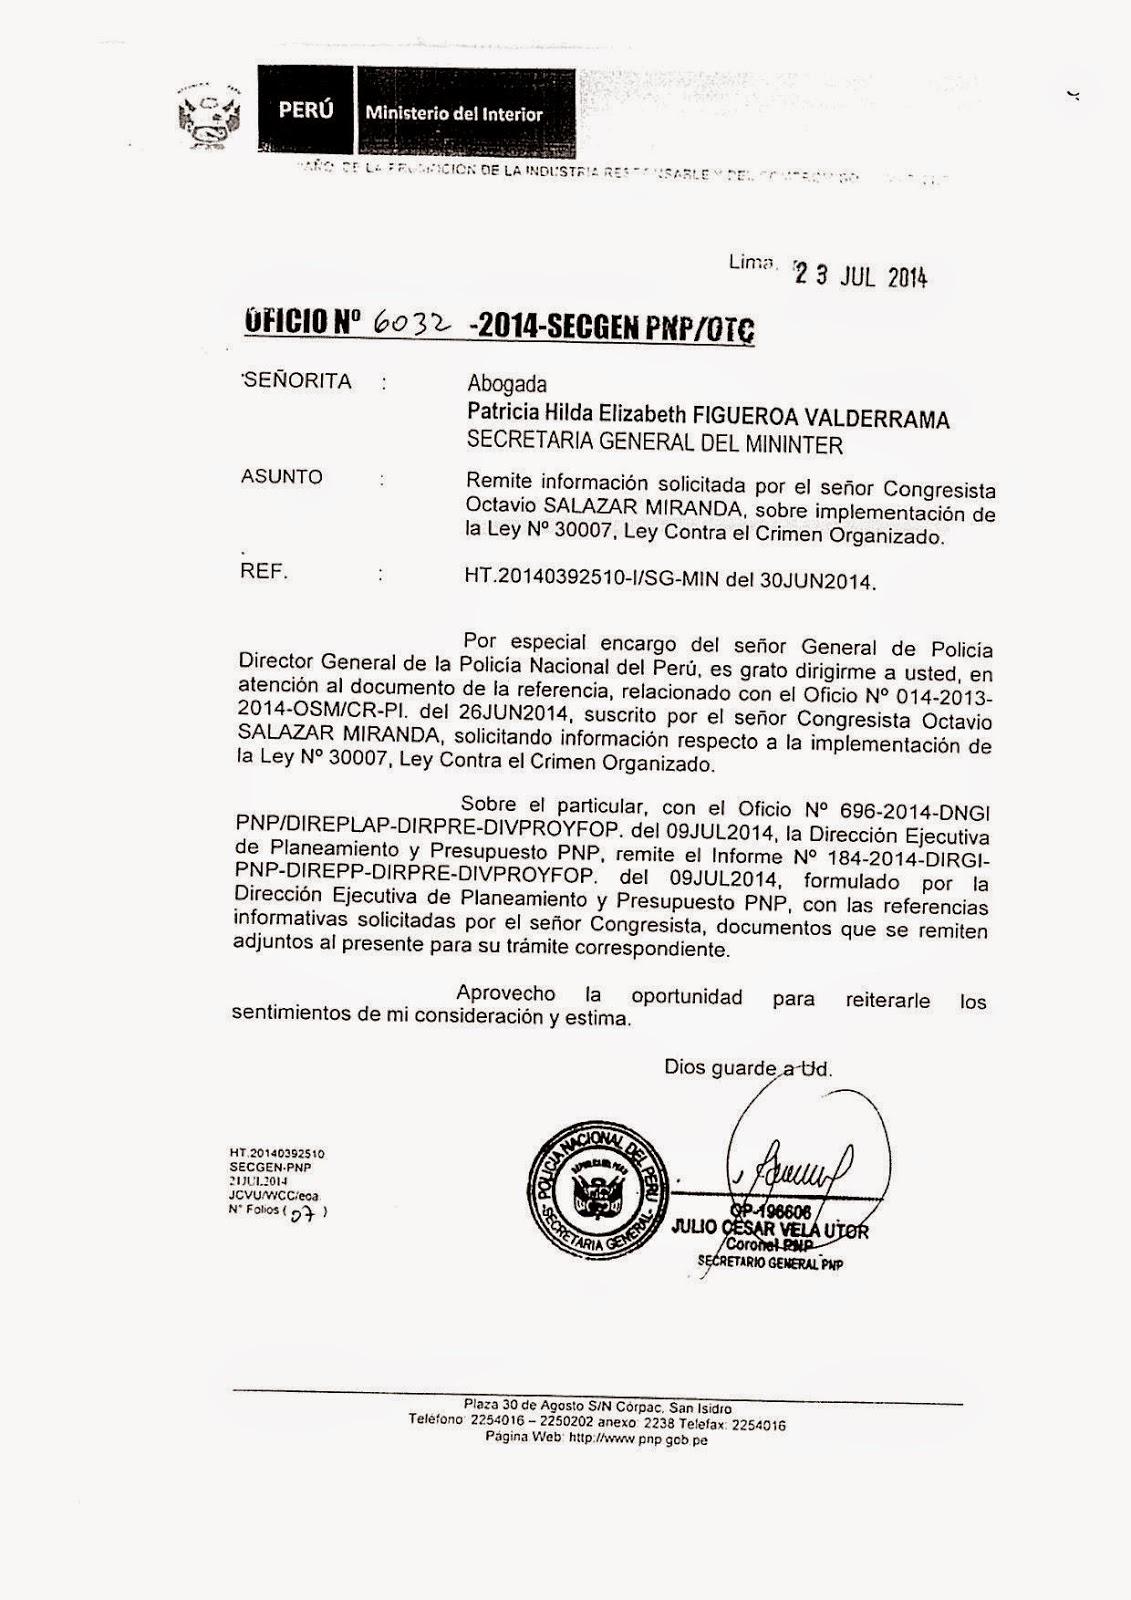 Ciudad segura for Ministerio del interior peru